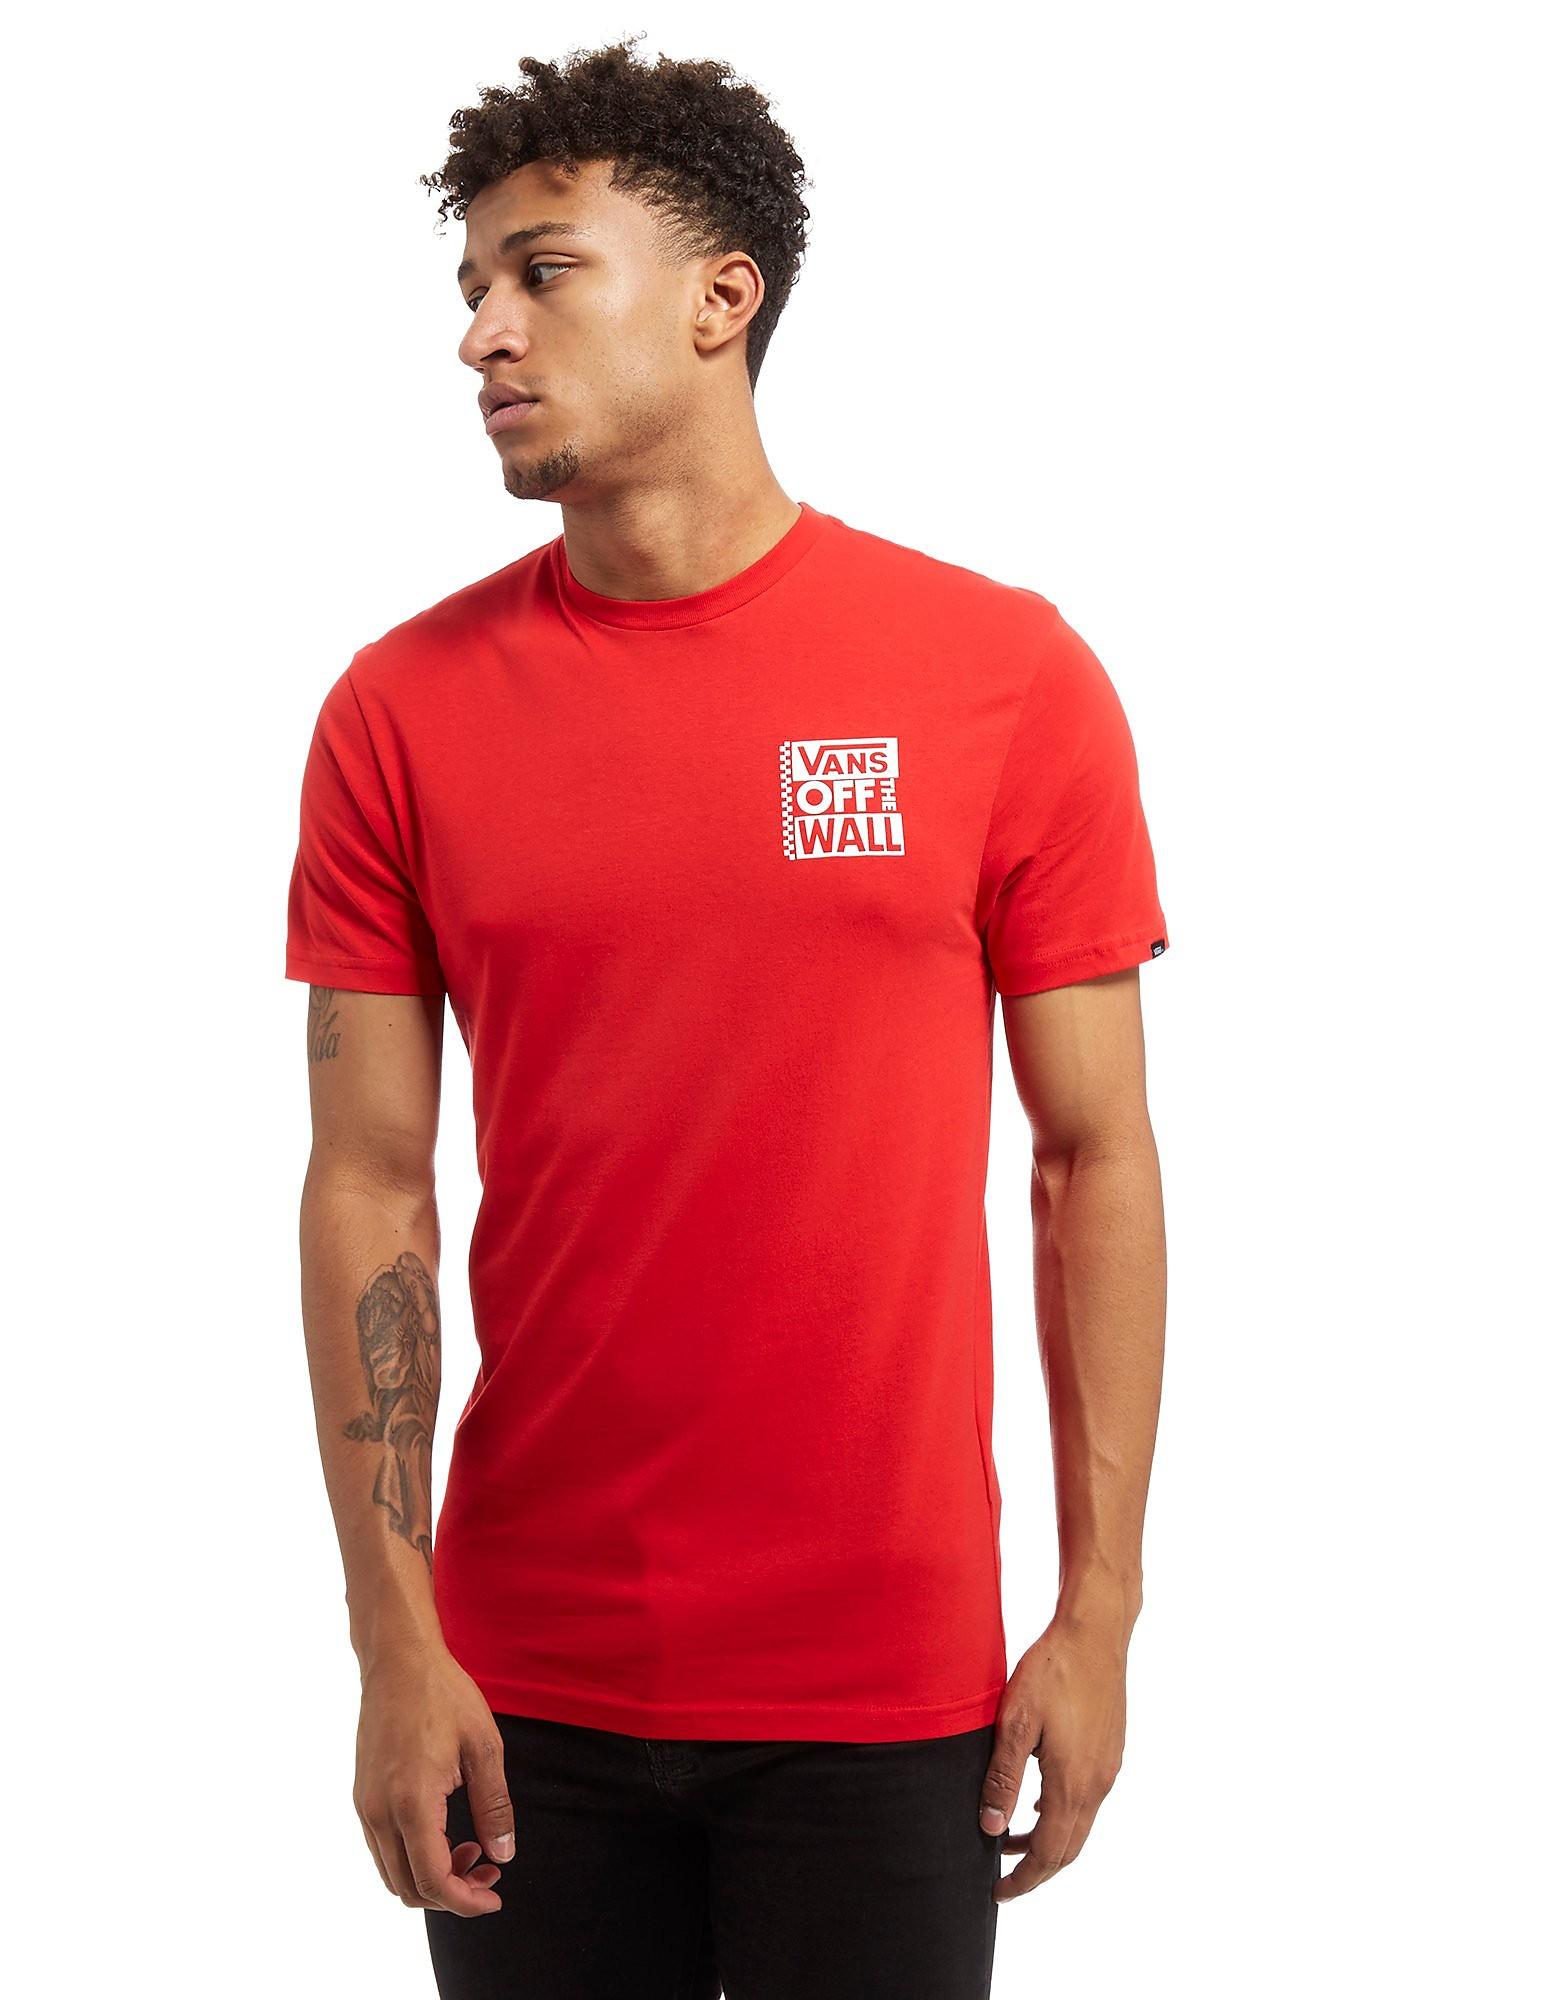 Vans Big Text Back Logo T-Shirt